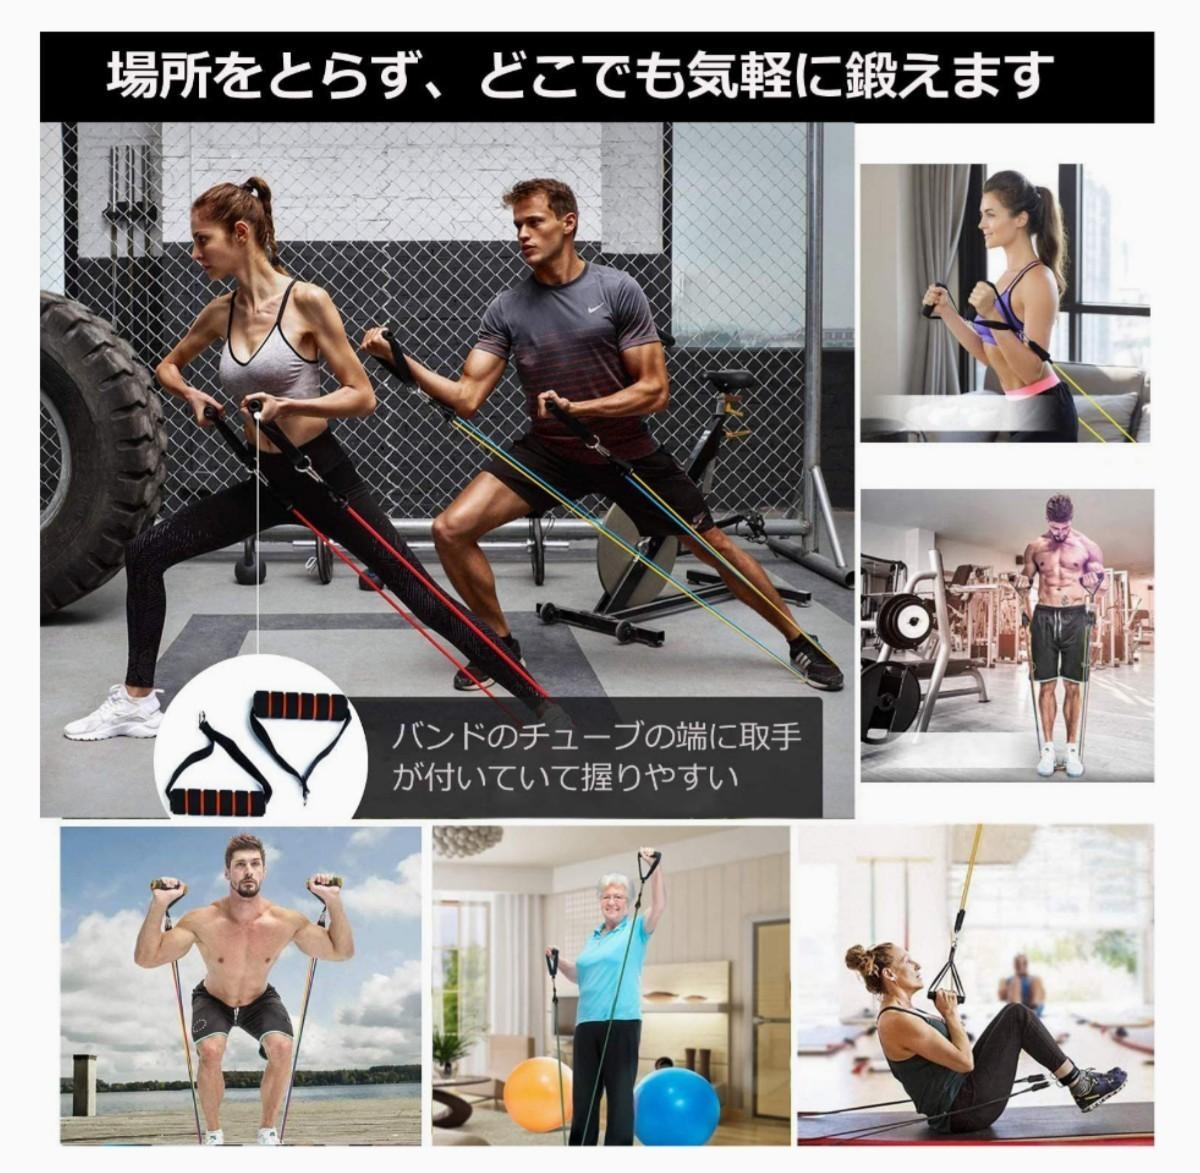 トレーニングチューブ フィットネスチューブ 筋トレ エクササイズバンド エクササイズ 運動不足